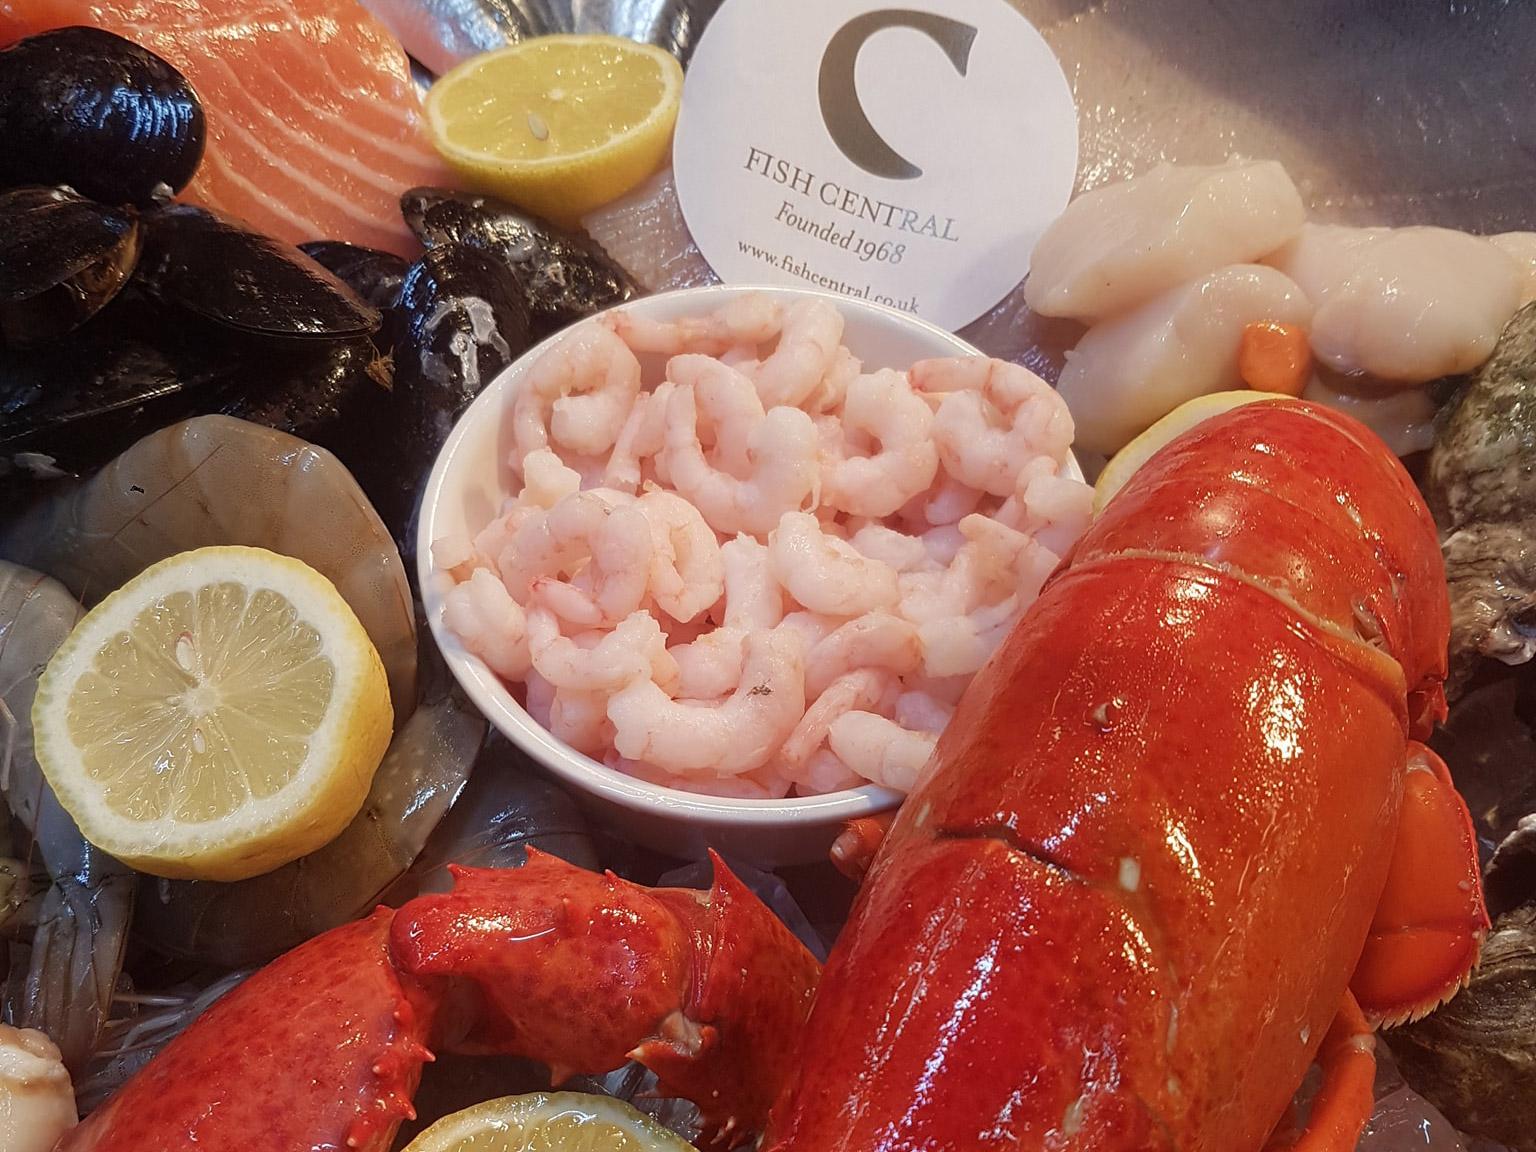 倫敦必吃9大傳統美食餐點和餐廳推薦:Fish Central Restaurant